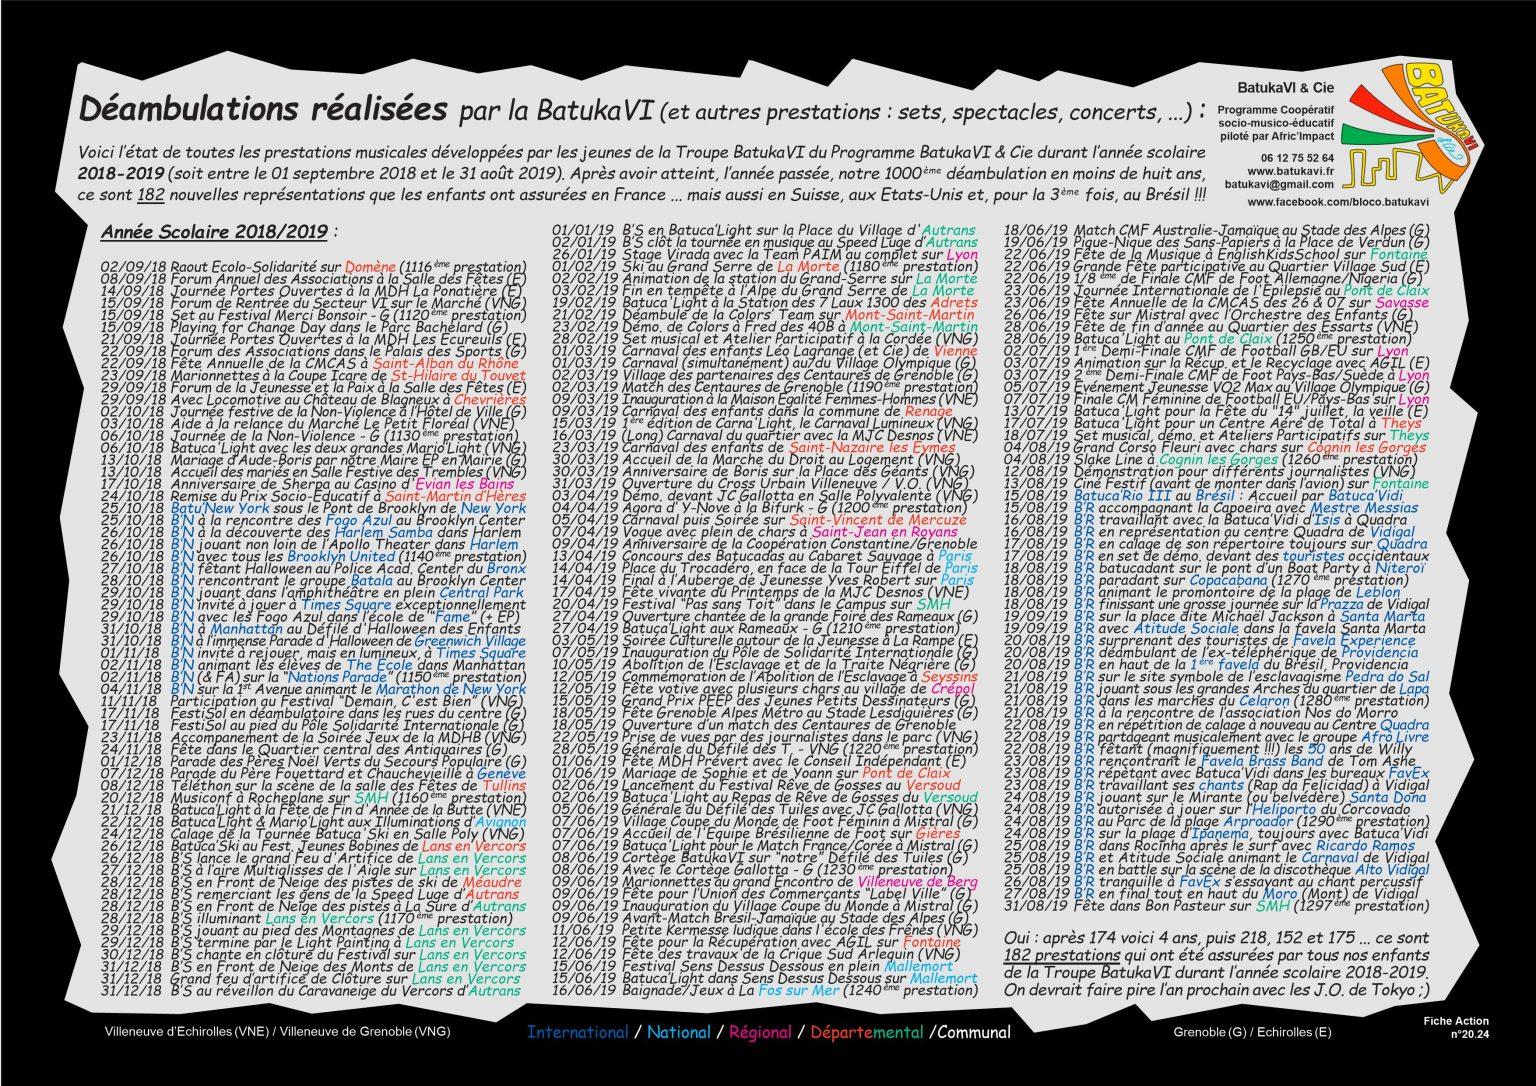 BatukaVI - F.A. 20.24 - Liste des Déambulations Réalisées 2018-2019